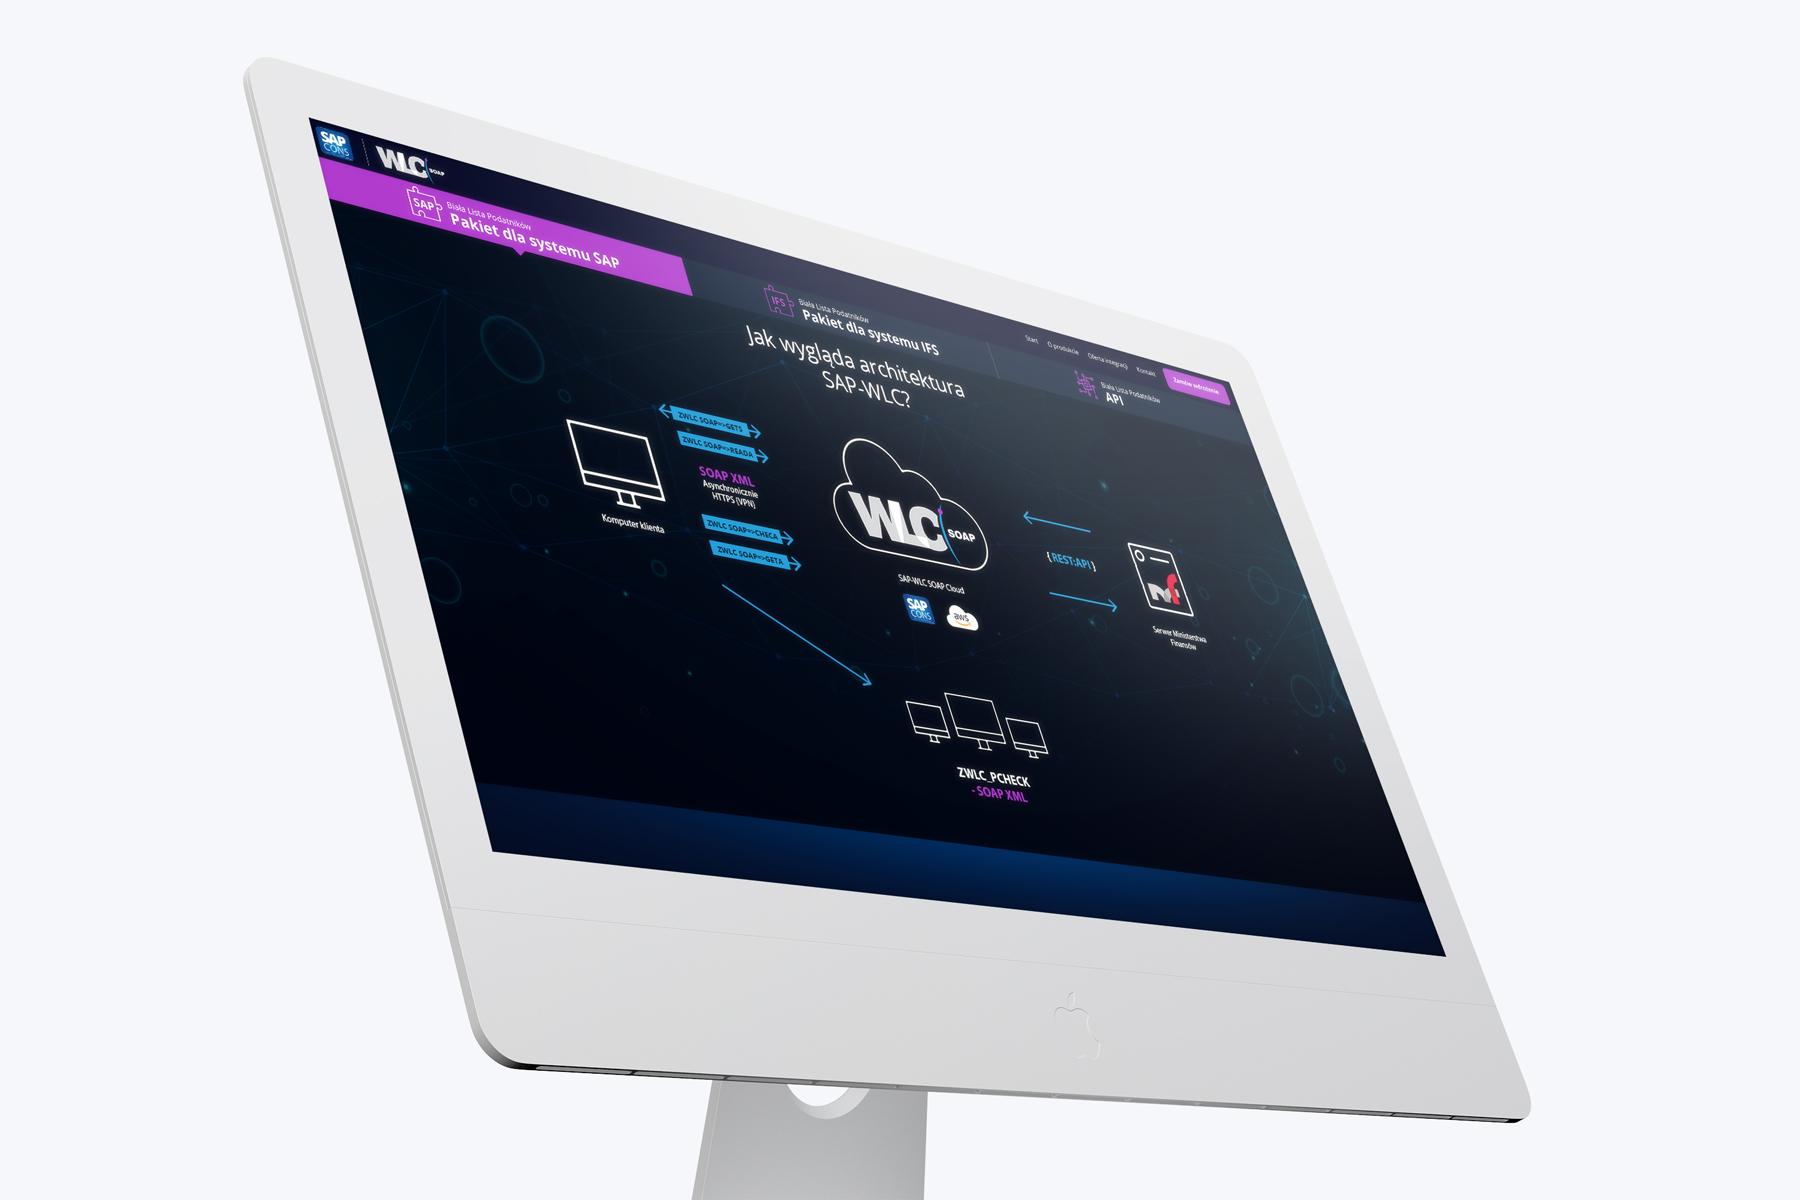 WLC SOAP Biała Lista Podatników - wizualizacja nowej strony internetowej typu one page design